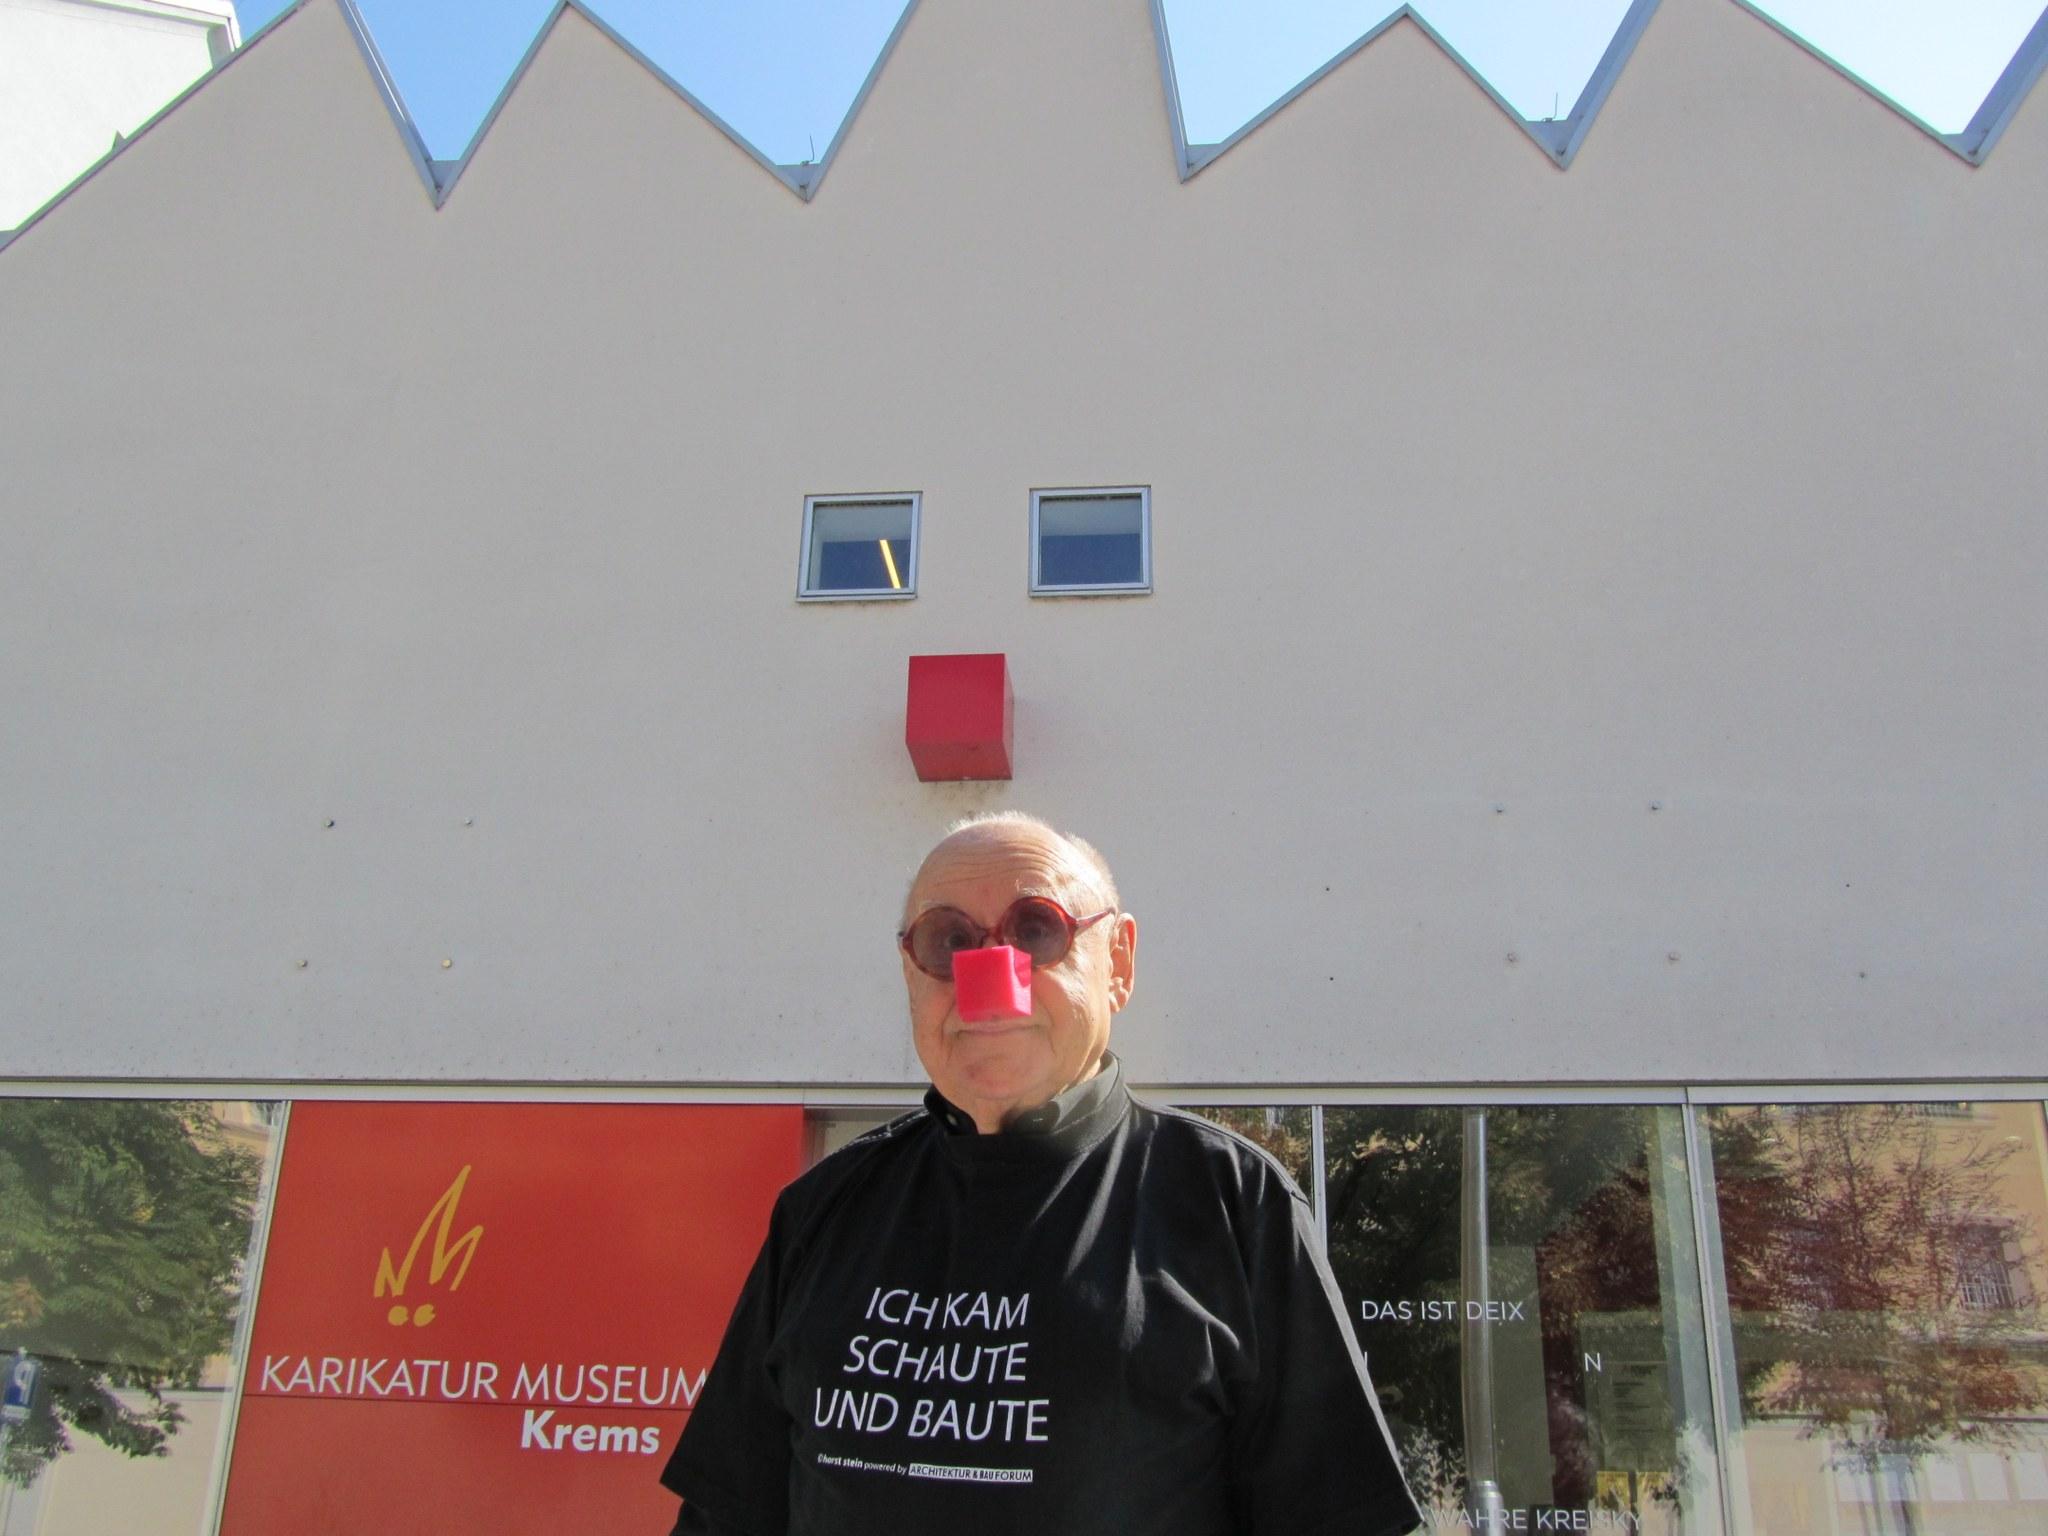 Der österreichische Karikaturist Gustav Peichl ist am 17. November 2019 im Alter von 91 Jahren gestorben. Er gehörte zu den prägenden Architekten Österreichs der Nachkriegszeit und als IRONIMUS zu den prominentesten Karikaturisten. Er hat zahlreiche aufsehenerregende Gebäude geplant, 30 Bücher geschrieben und 12.000 Karikaturen angefertigt.